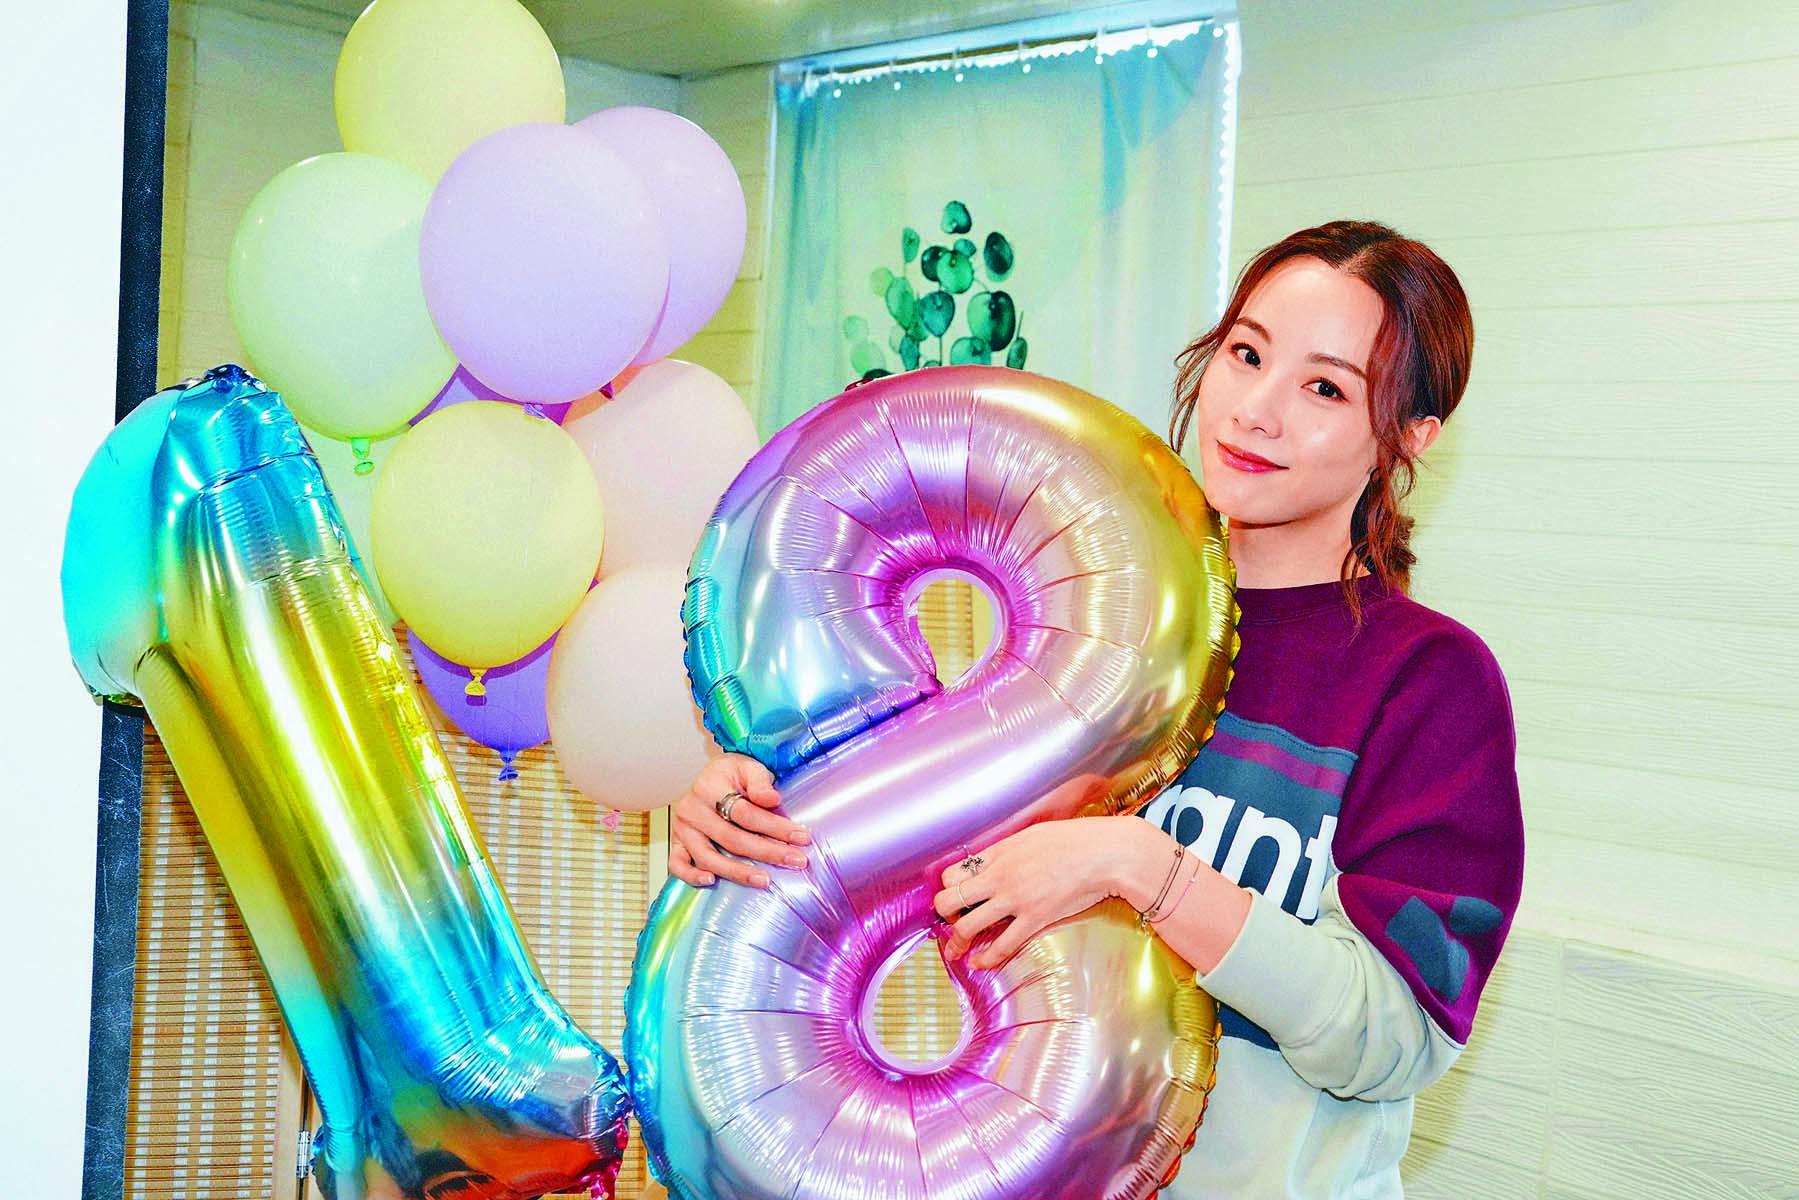 鄧麗欣獲粉絲預祝她的「18對」生日。